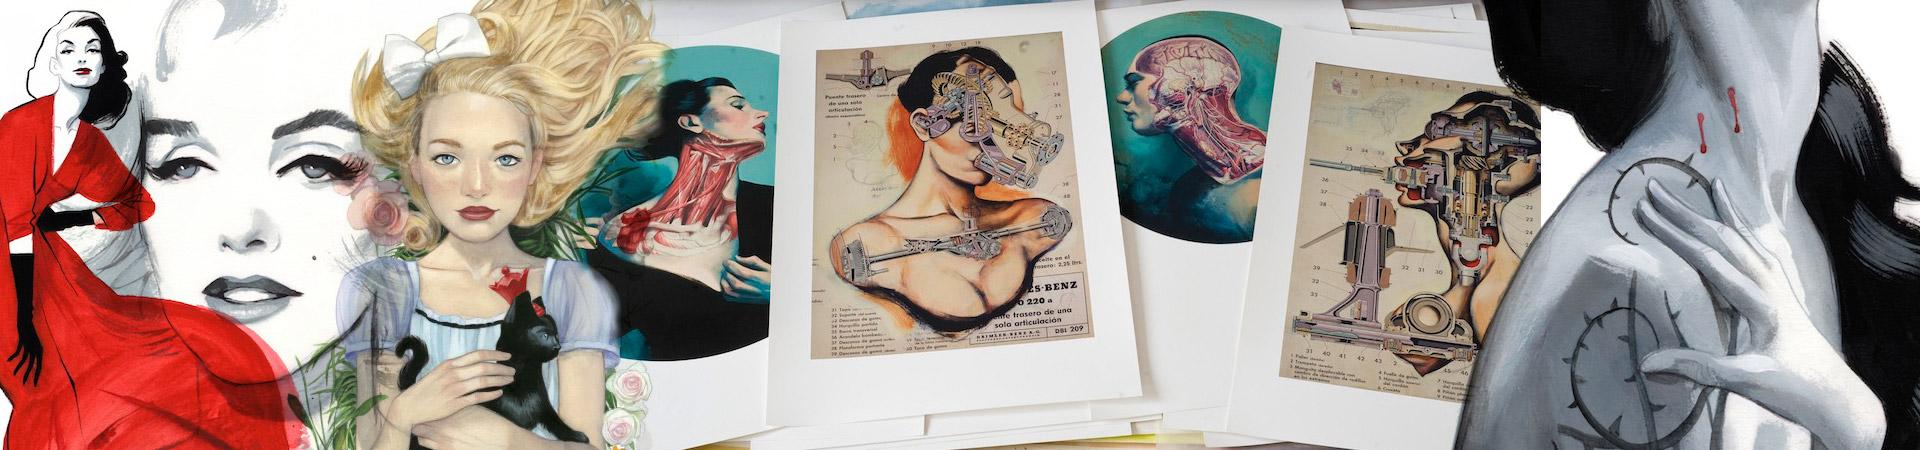 Impresiones - Prints Fernando Vicente Tienda Online Tienda Fernando